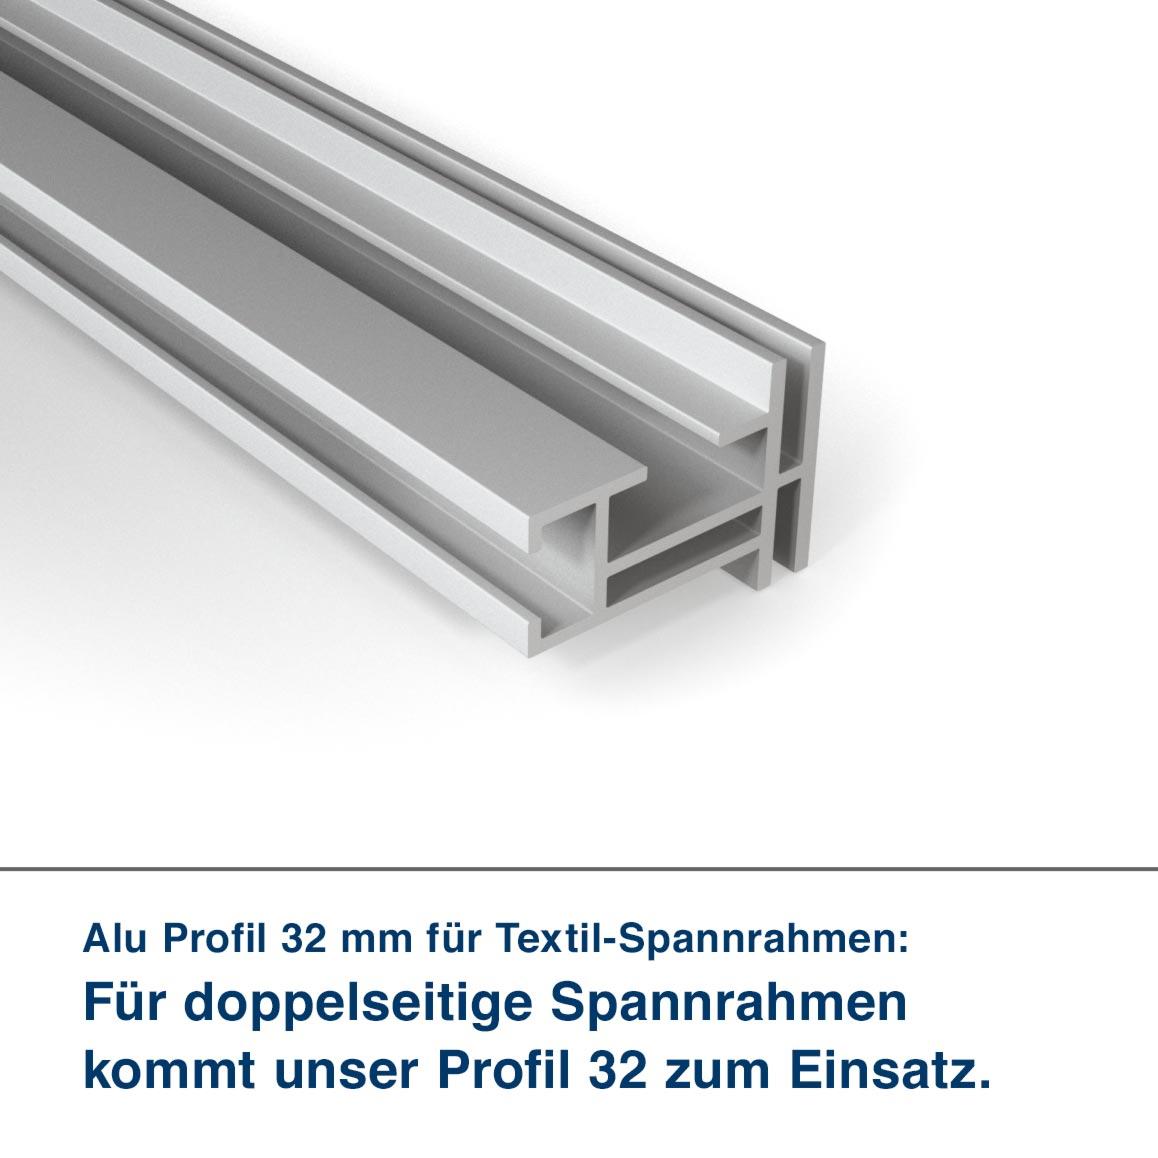 Alu Profil 32 mm für Textil-Spannrahmen:  Für doppelseitige Spannrahmen  kommt unser Profil 32 zum Einsatz.